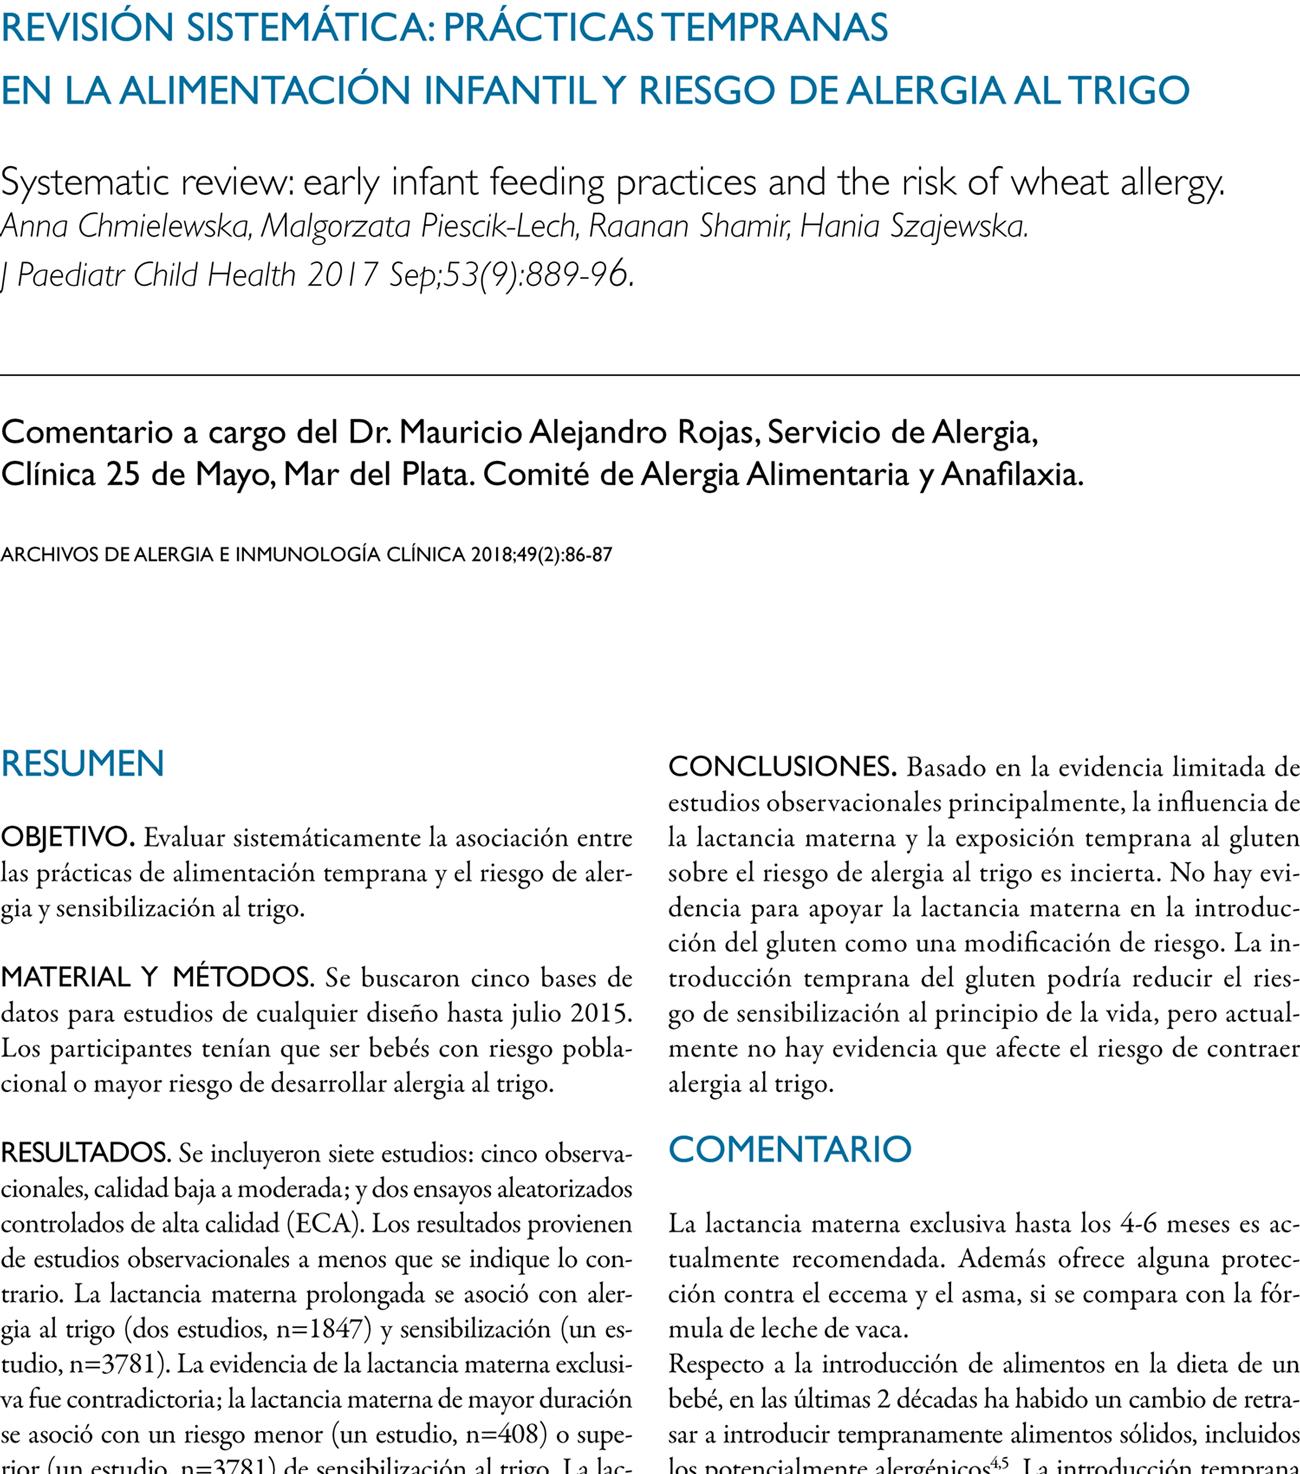 Revisión sistemática: prácticas tempranas  en la alimentación infantil y riesgo de alergia al trigo